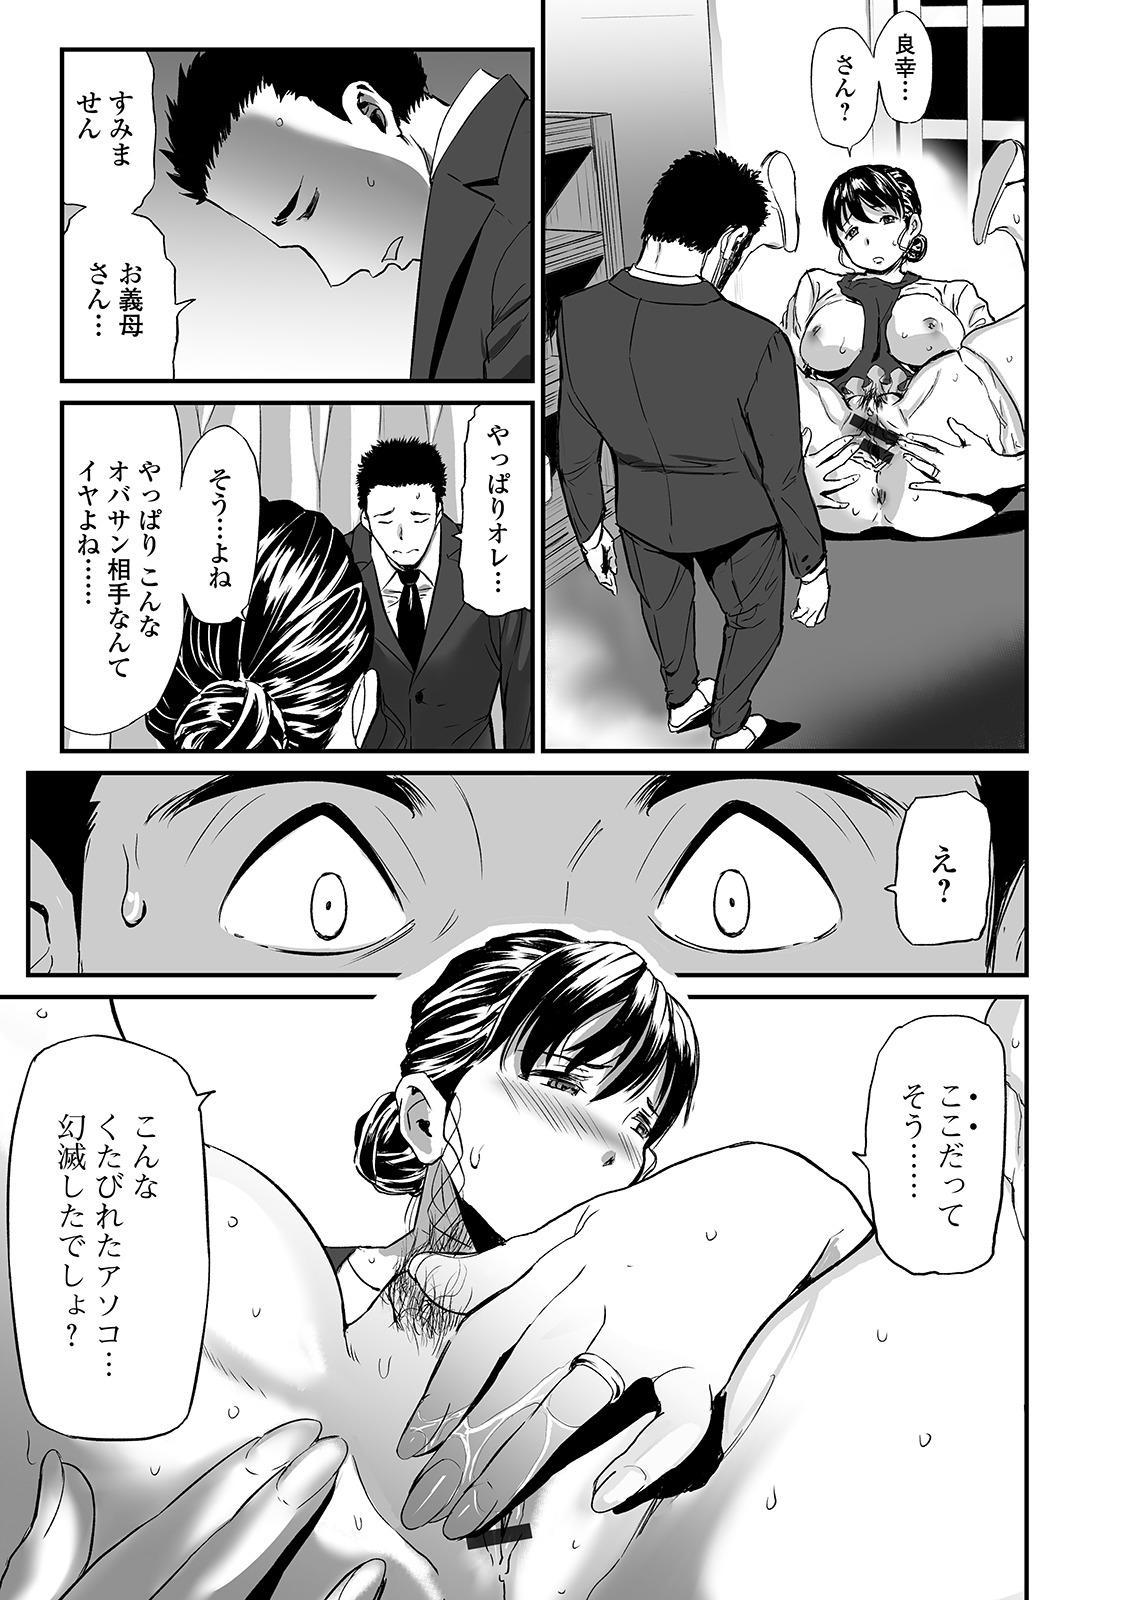 Web Comic Toutetsu Vol. 49 30